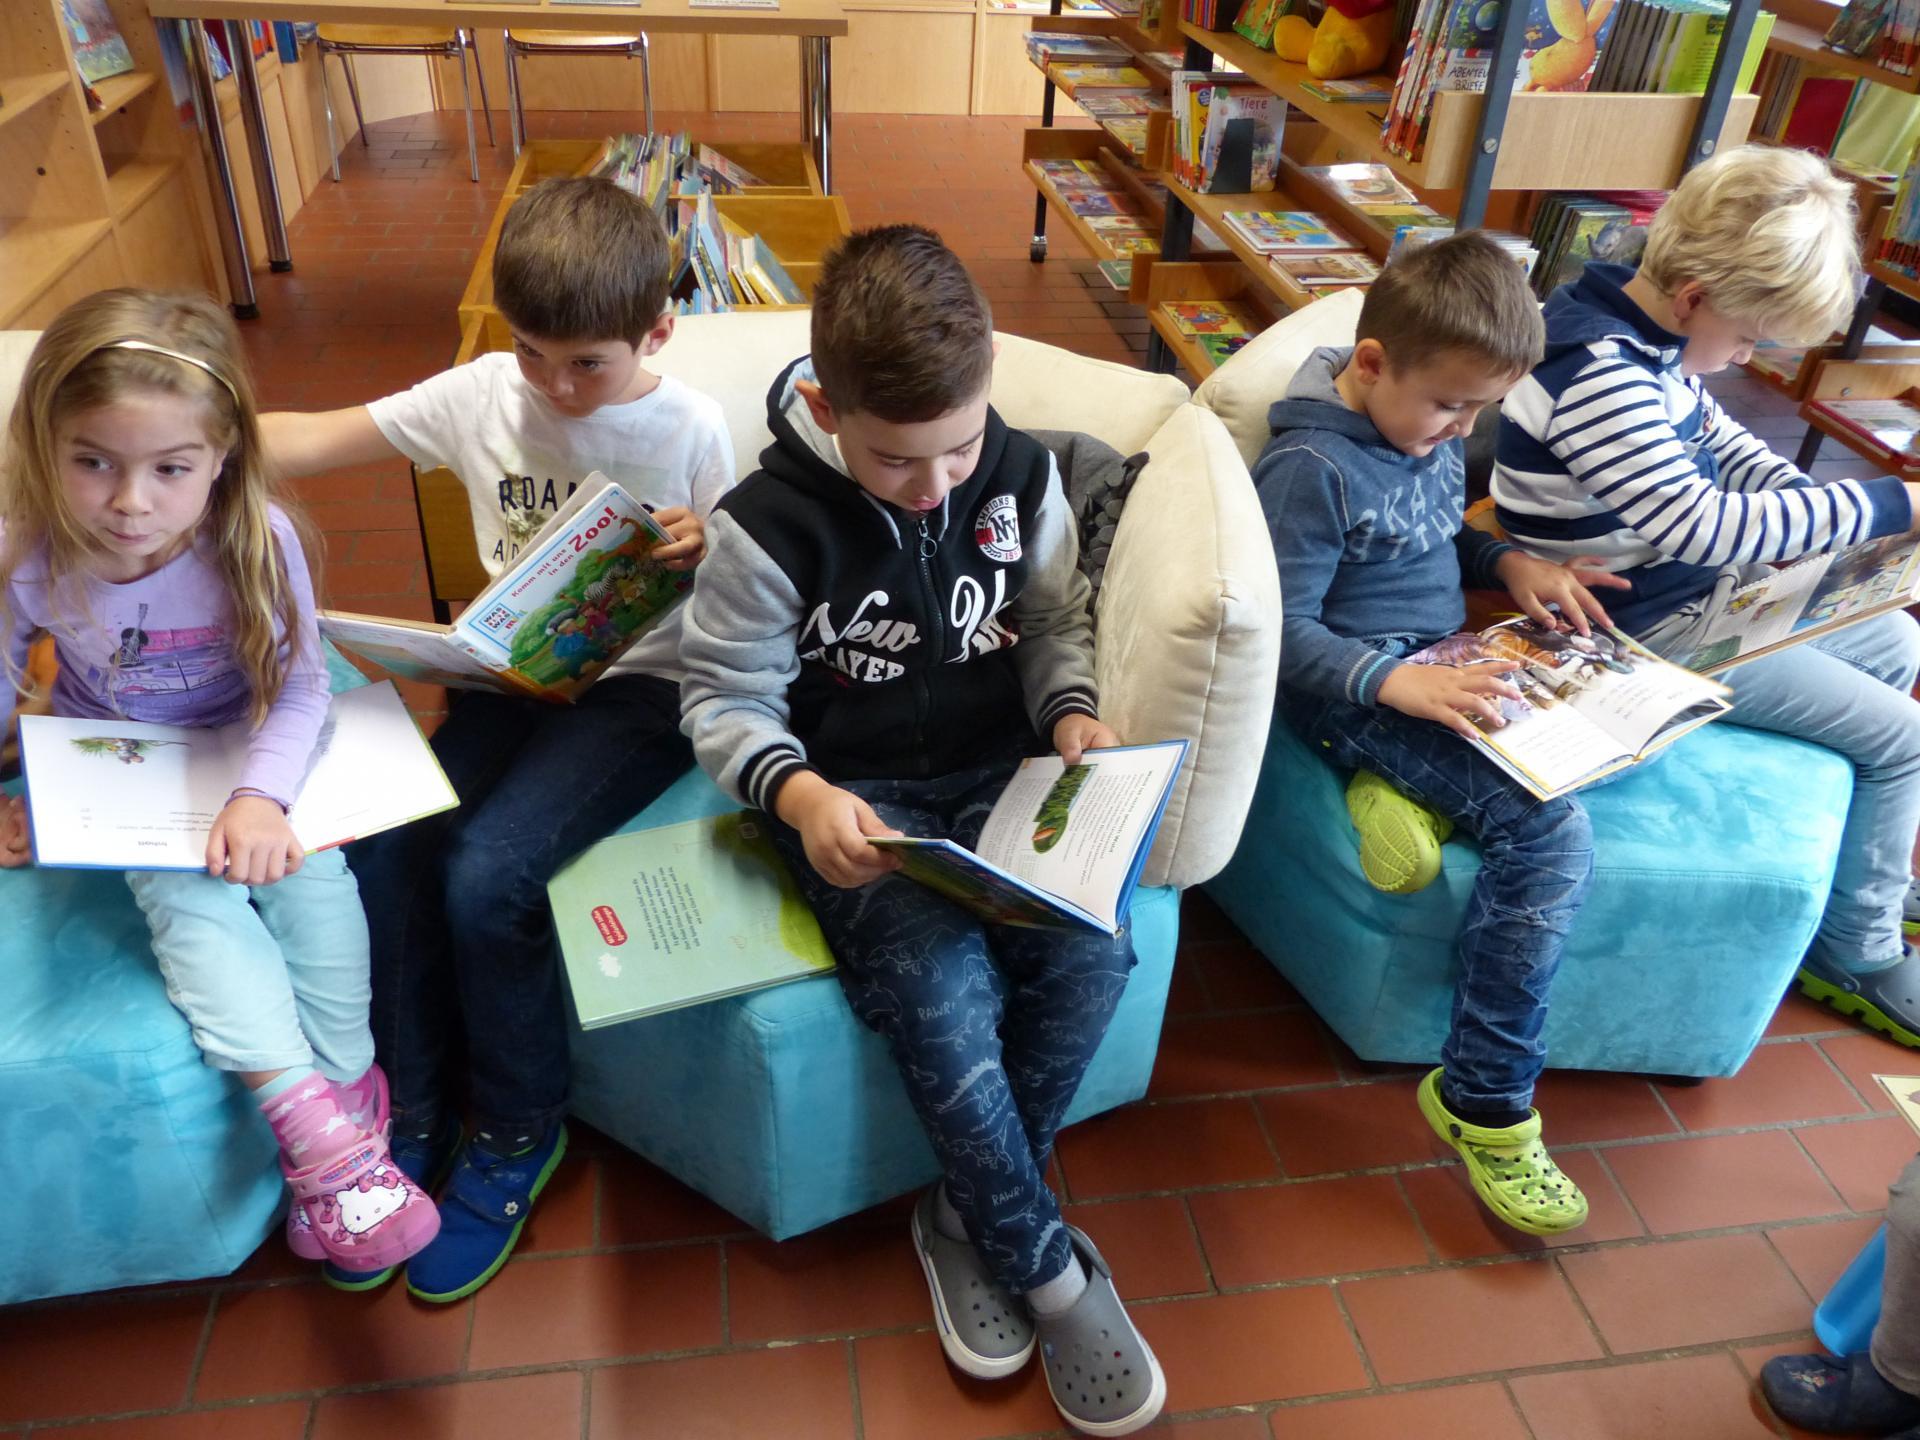 Gemeinde Flieden - Pfarr- und Gemeindebücherei Flieden